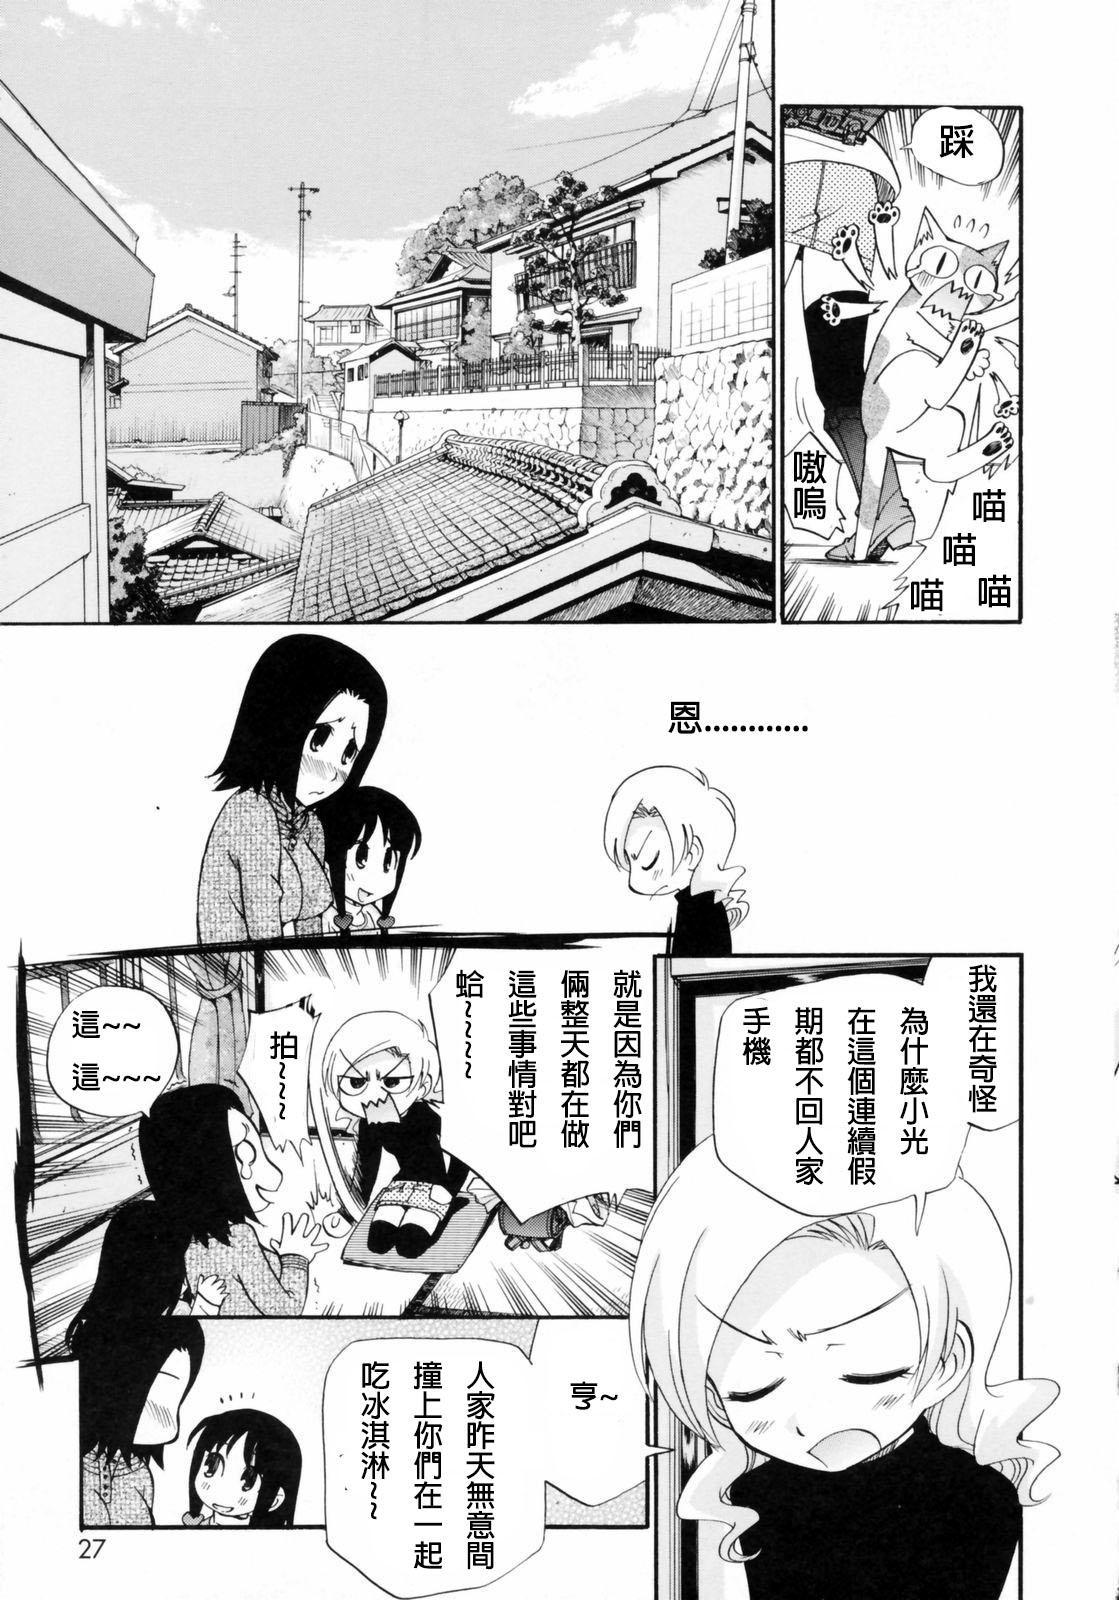 [Kamirenjaku Sanpei] Watashi o Ariake e Tsuretette! - Take me to Ariake! Ch. 1-4 [Chinese] [伍拾漢化] 22